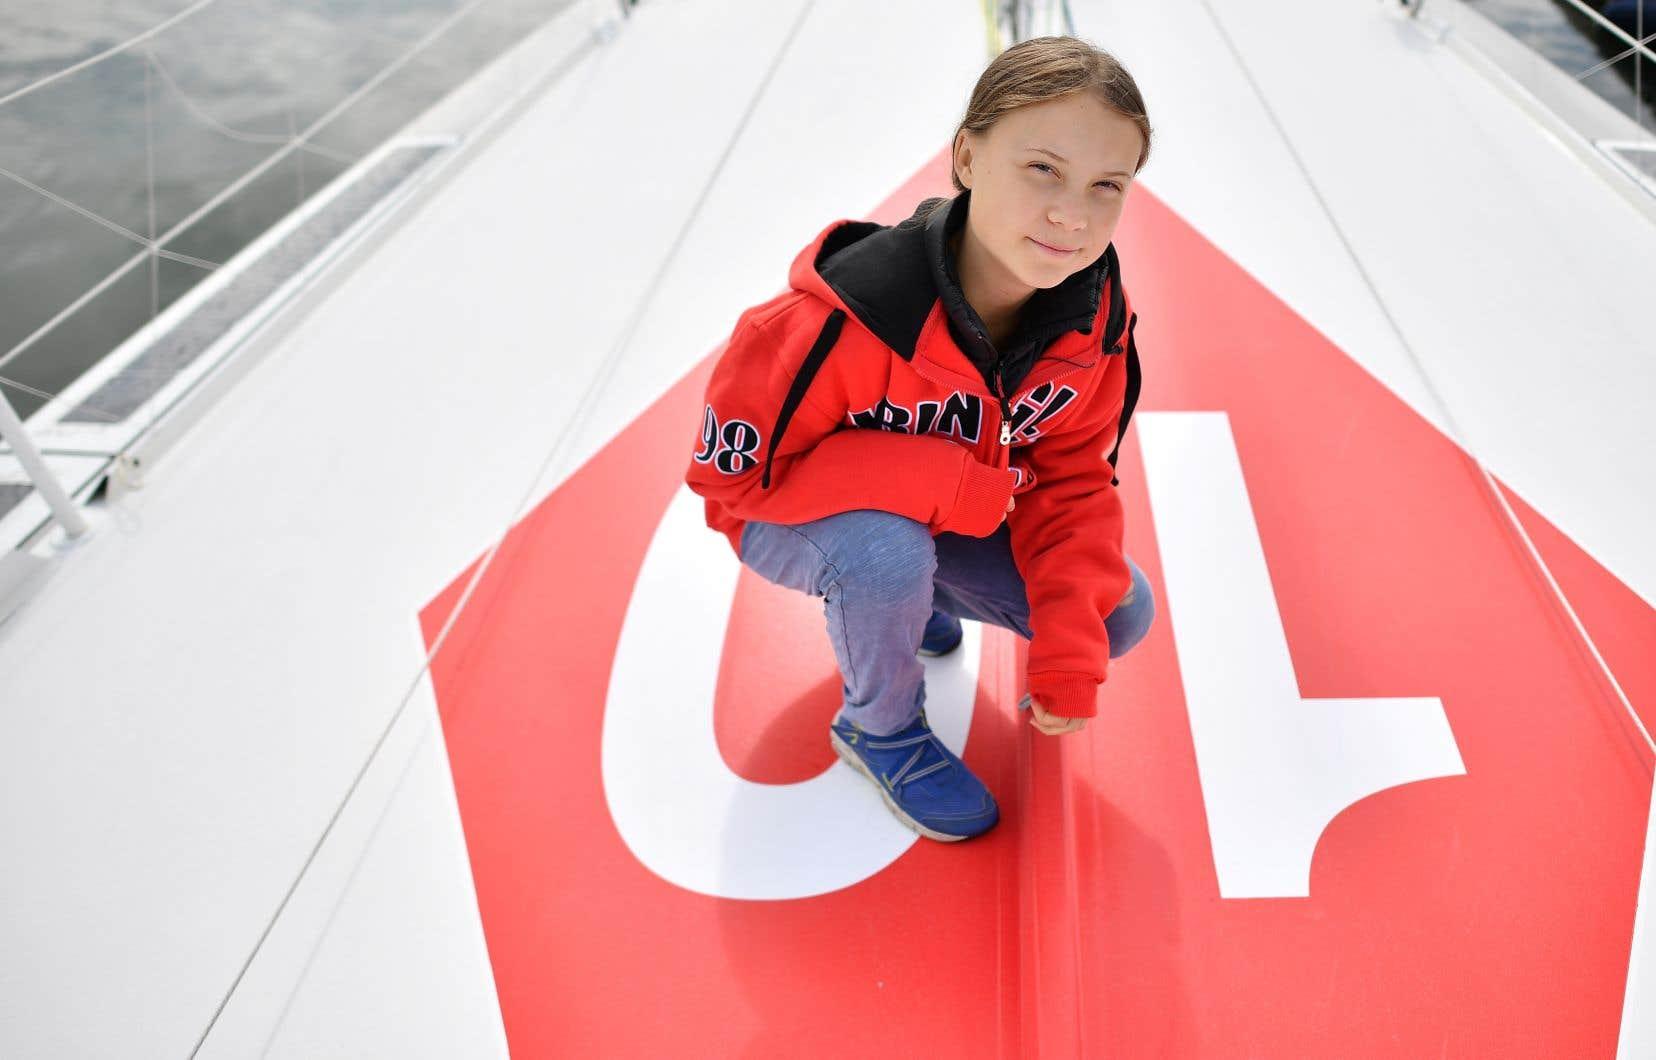 Greta Thunberg aurait manifesté son souhait de venir à Montréal en raison de la forte mobilisation des jeunes Québécois sur l'enjeu de la crise climatique mondiale.